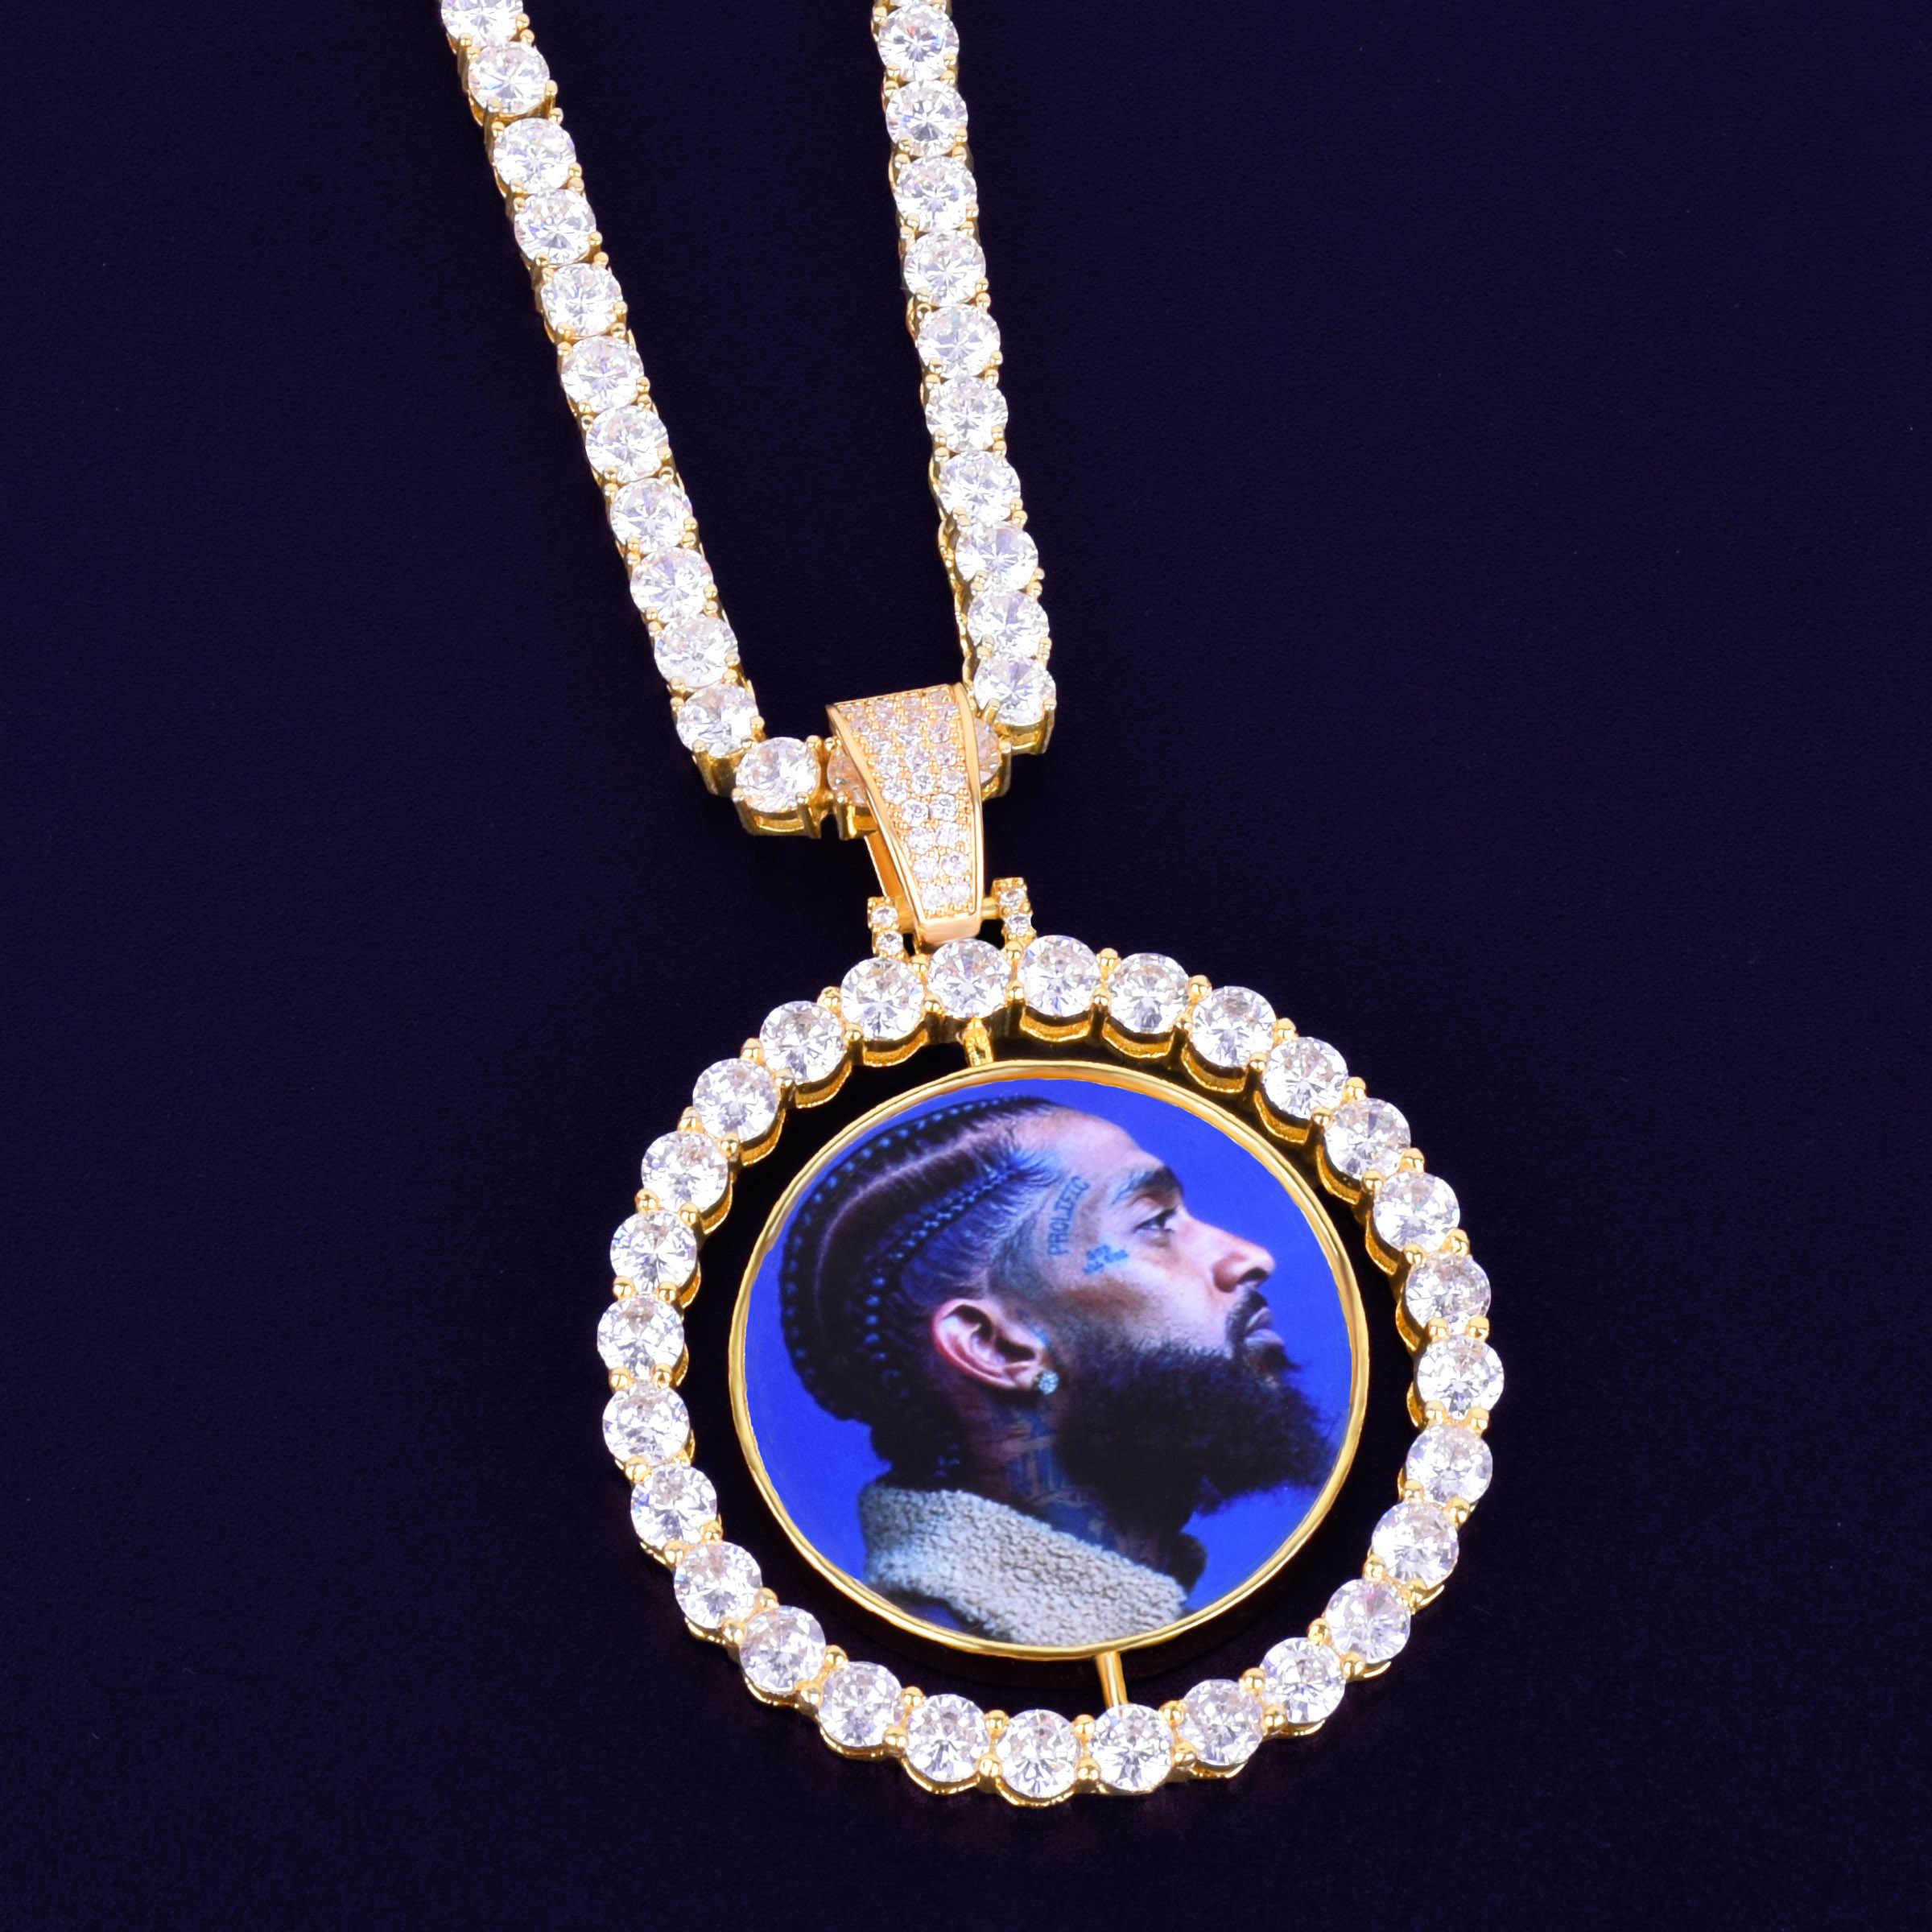 CUSTOM Made Photo หมุนสองด้านเหรียญสร้อยคอจี้ 4 มม.โซ่ Zircon ผู้ชายเครื่องประดับ Hip hop 2x1.65 นิ้ว